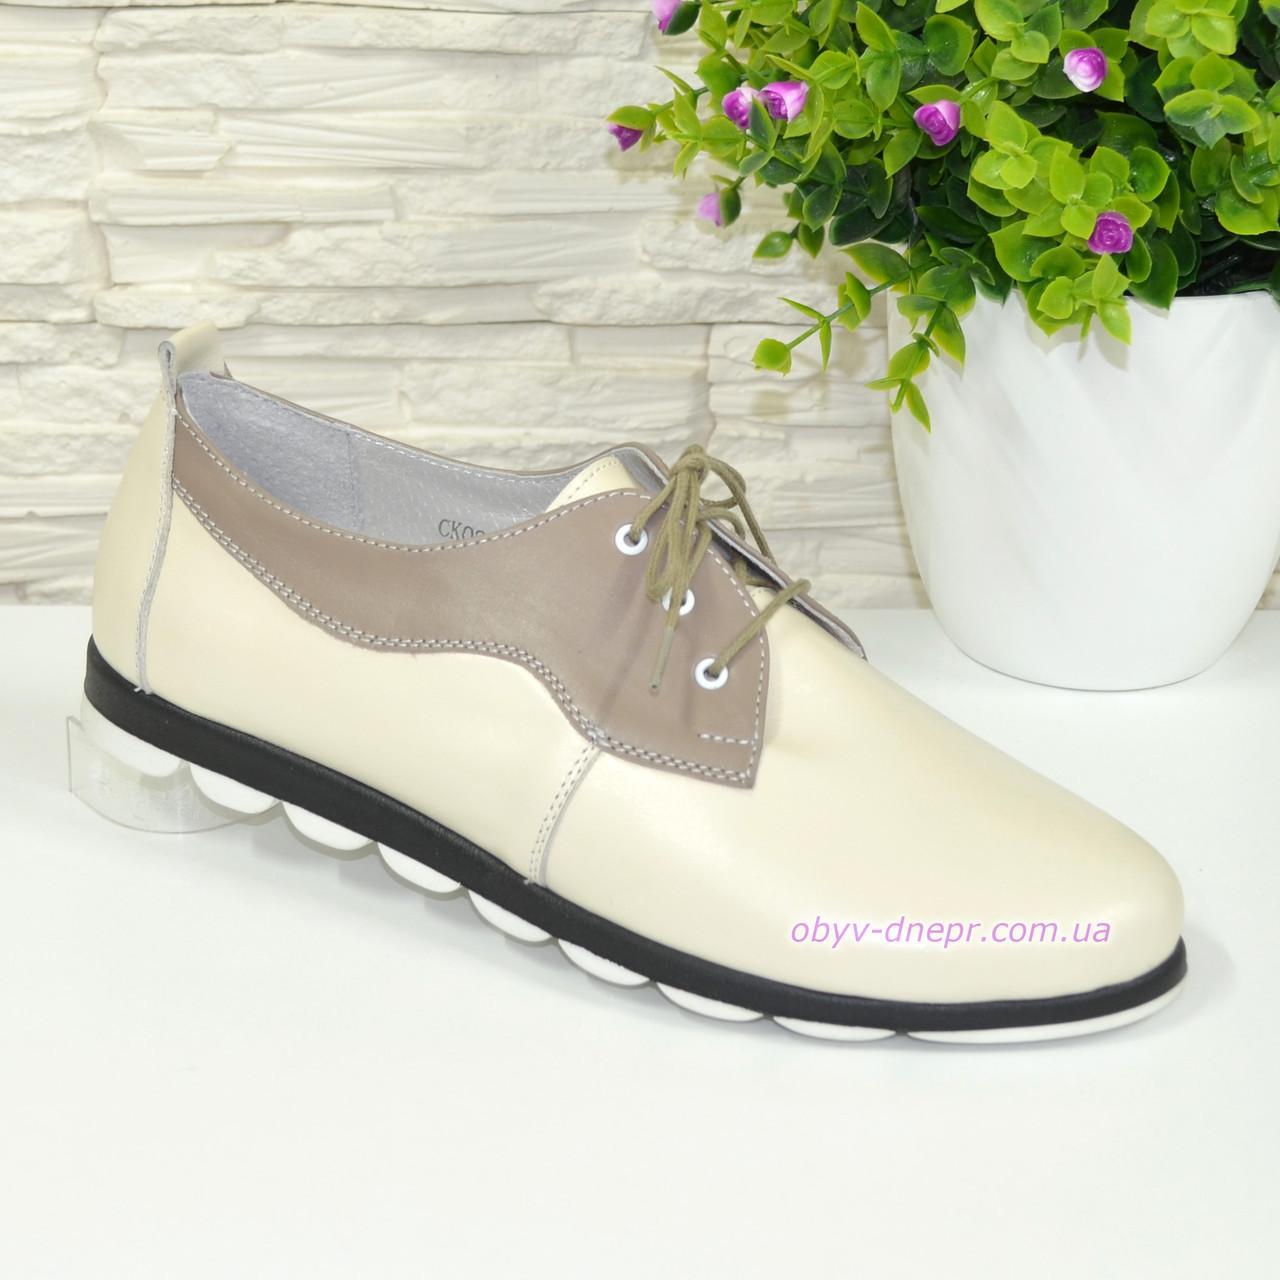 Женские кожаные туфли на шнуровке, цвет бежевый/визон, фото 1